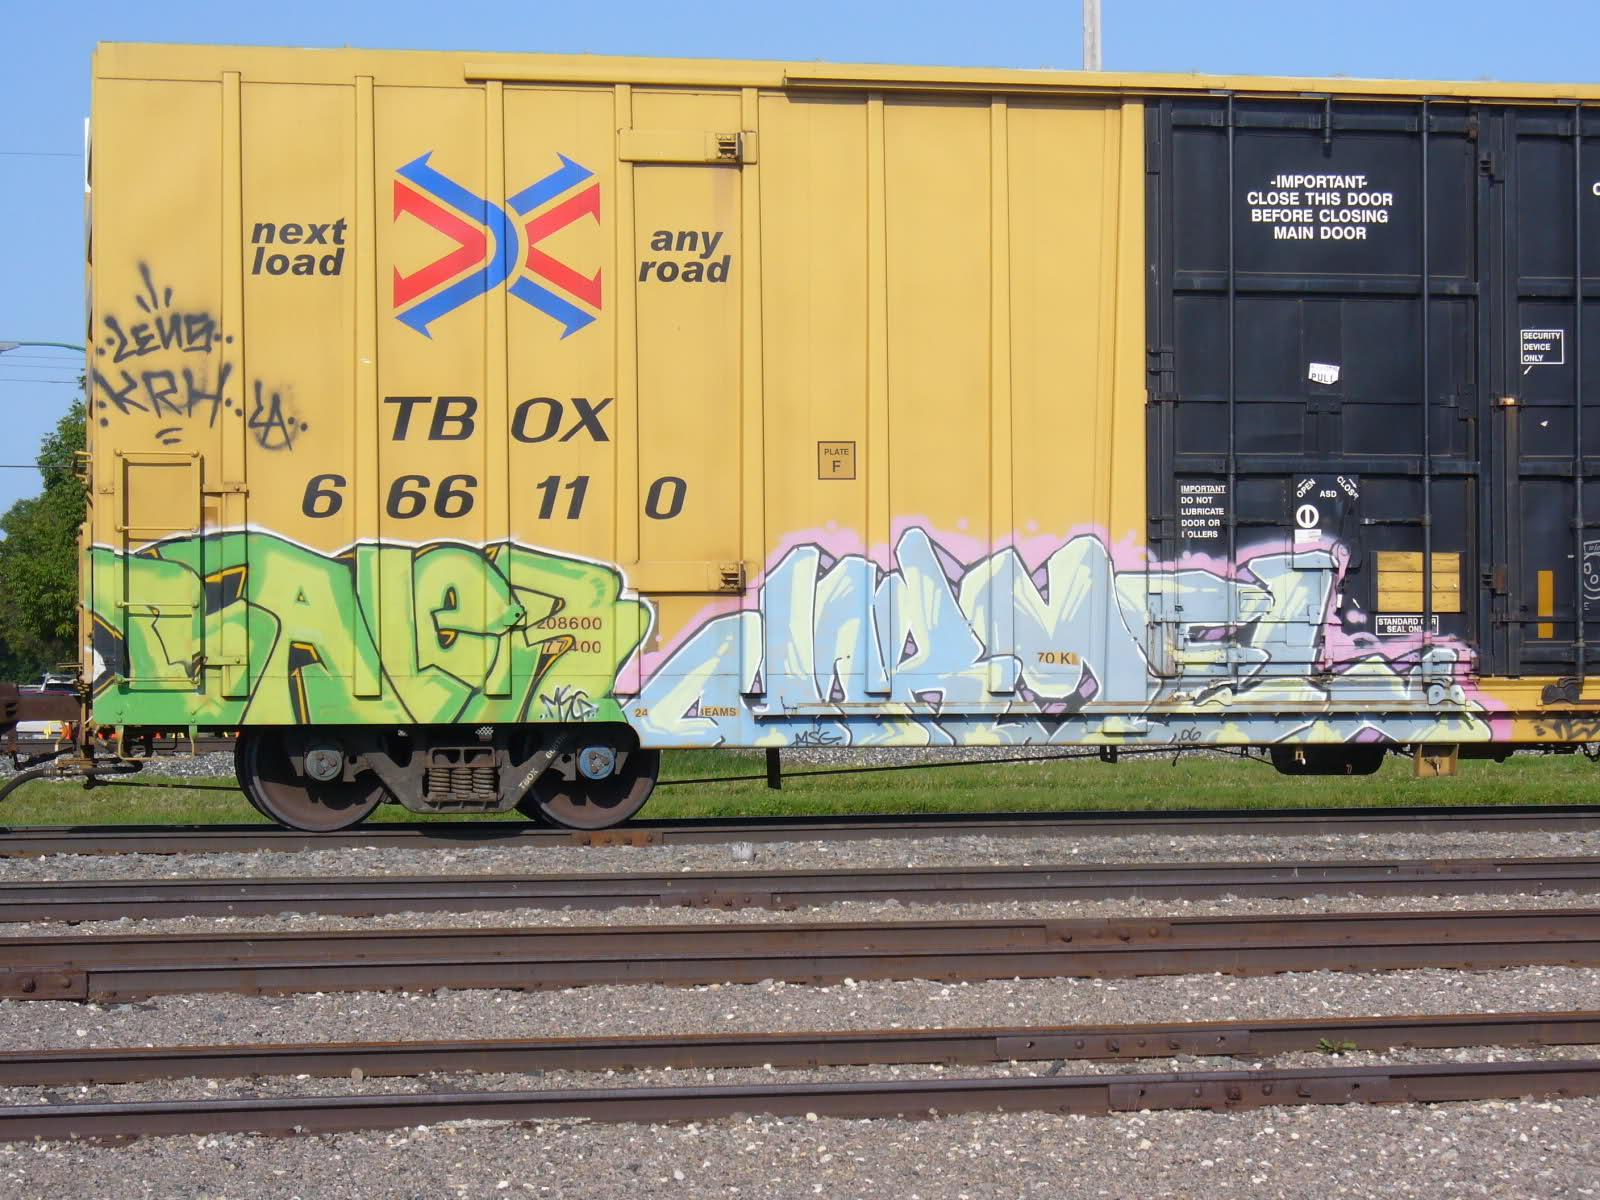 ai31.tinypic.com_2ry2fig.jpg